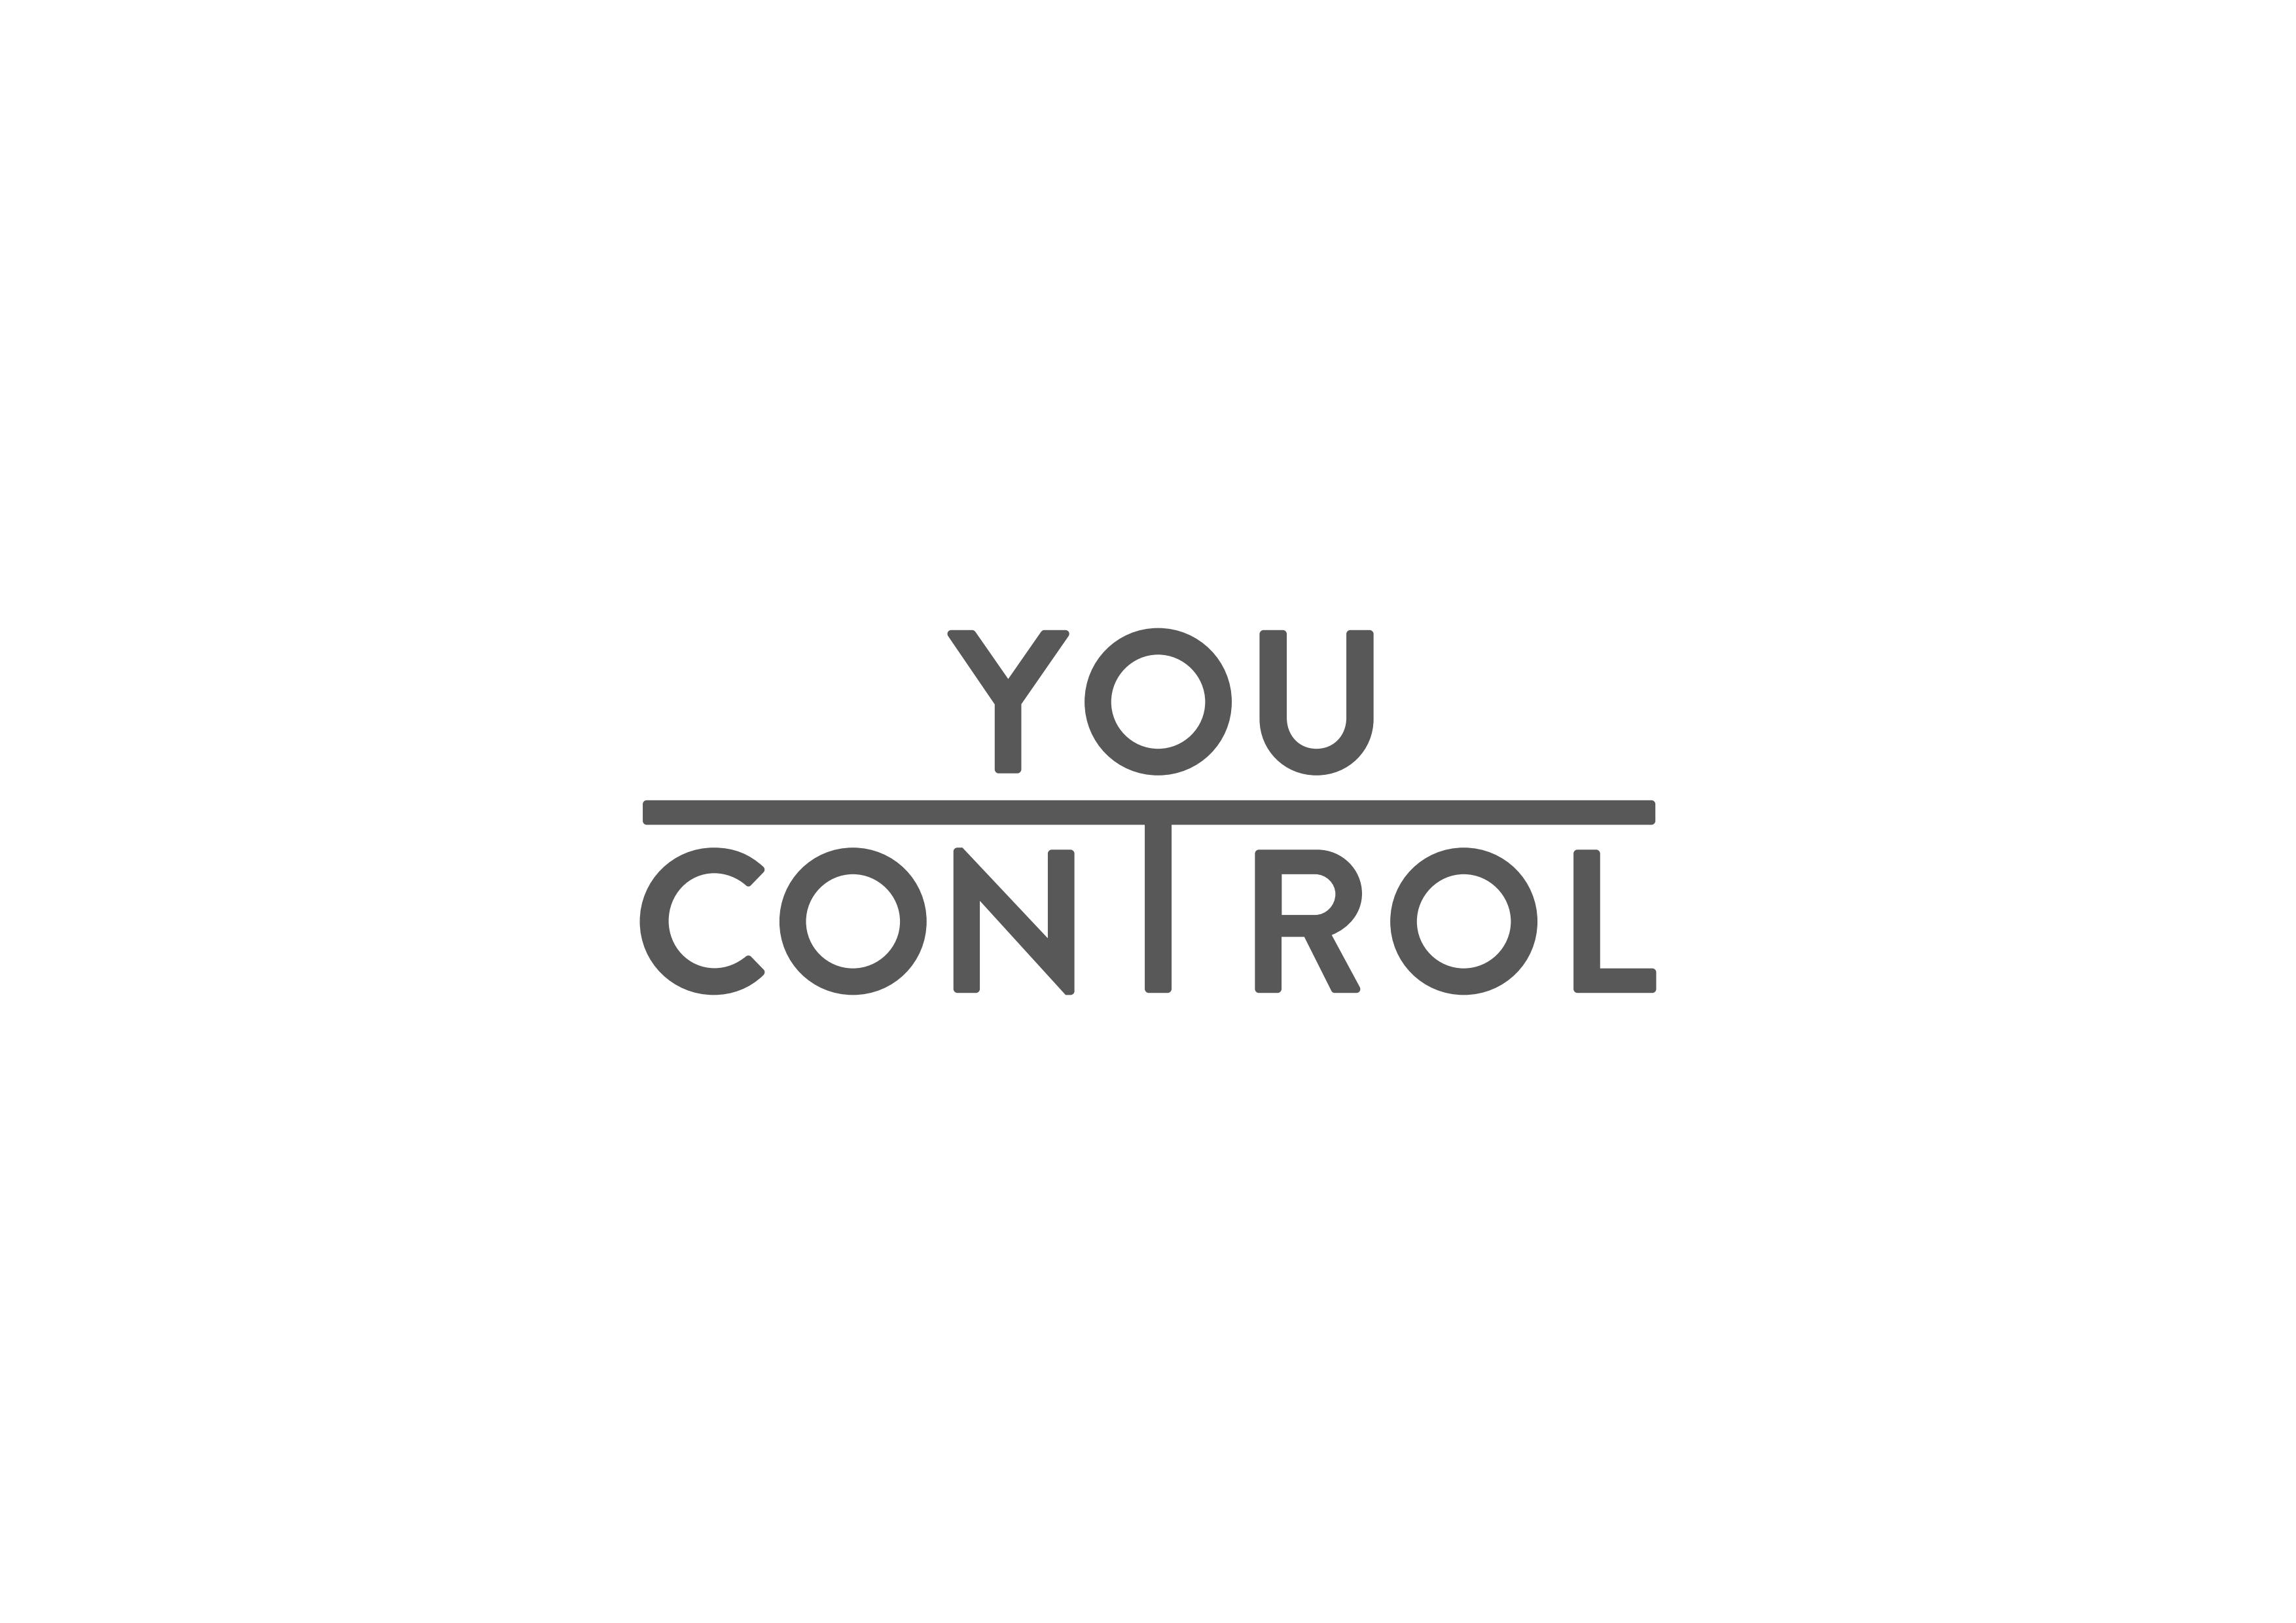 Як перевірити наявність юридичних осіб у Реєстрі платників ПДВ через YouControl?